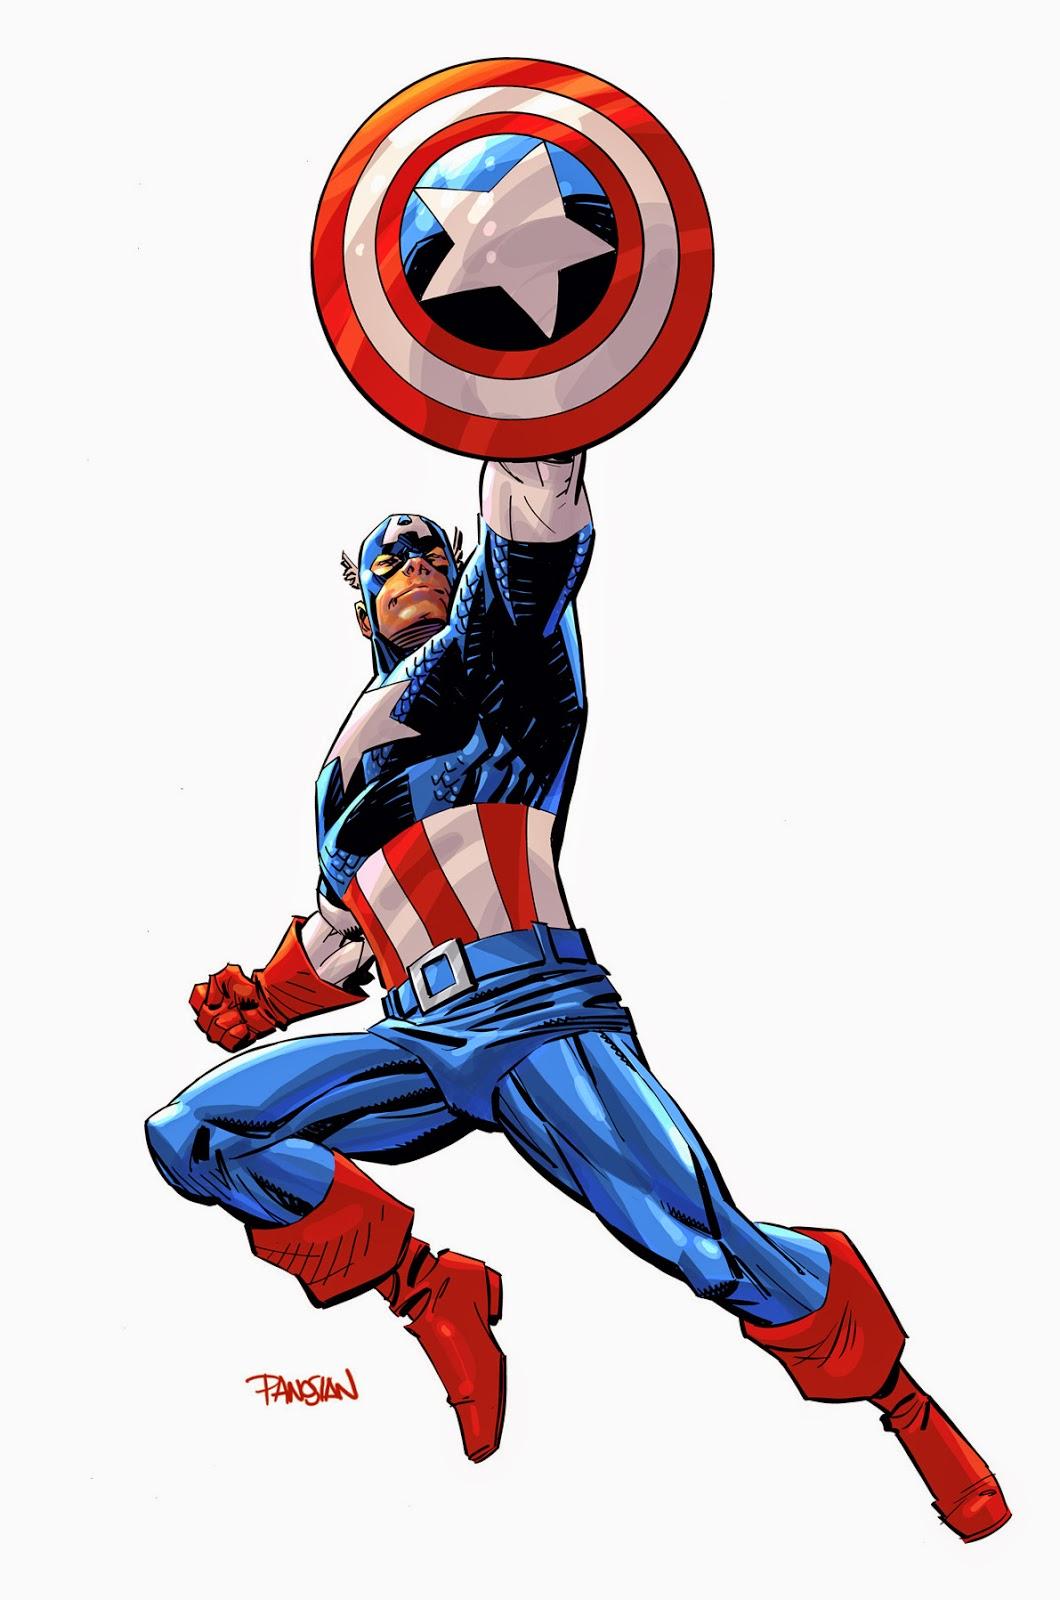 Kumpulan Gambar Captain America Gambar Lucu Terbaru